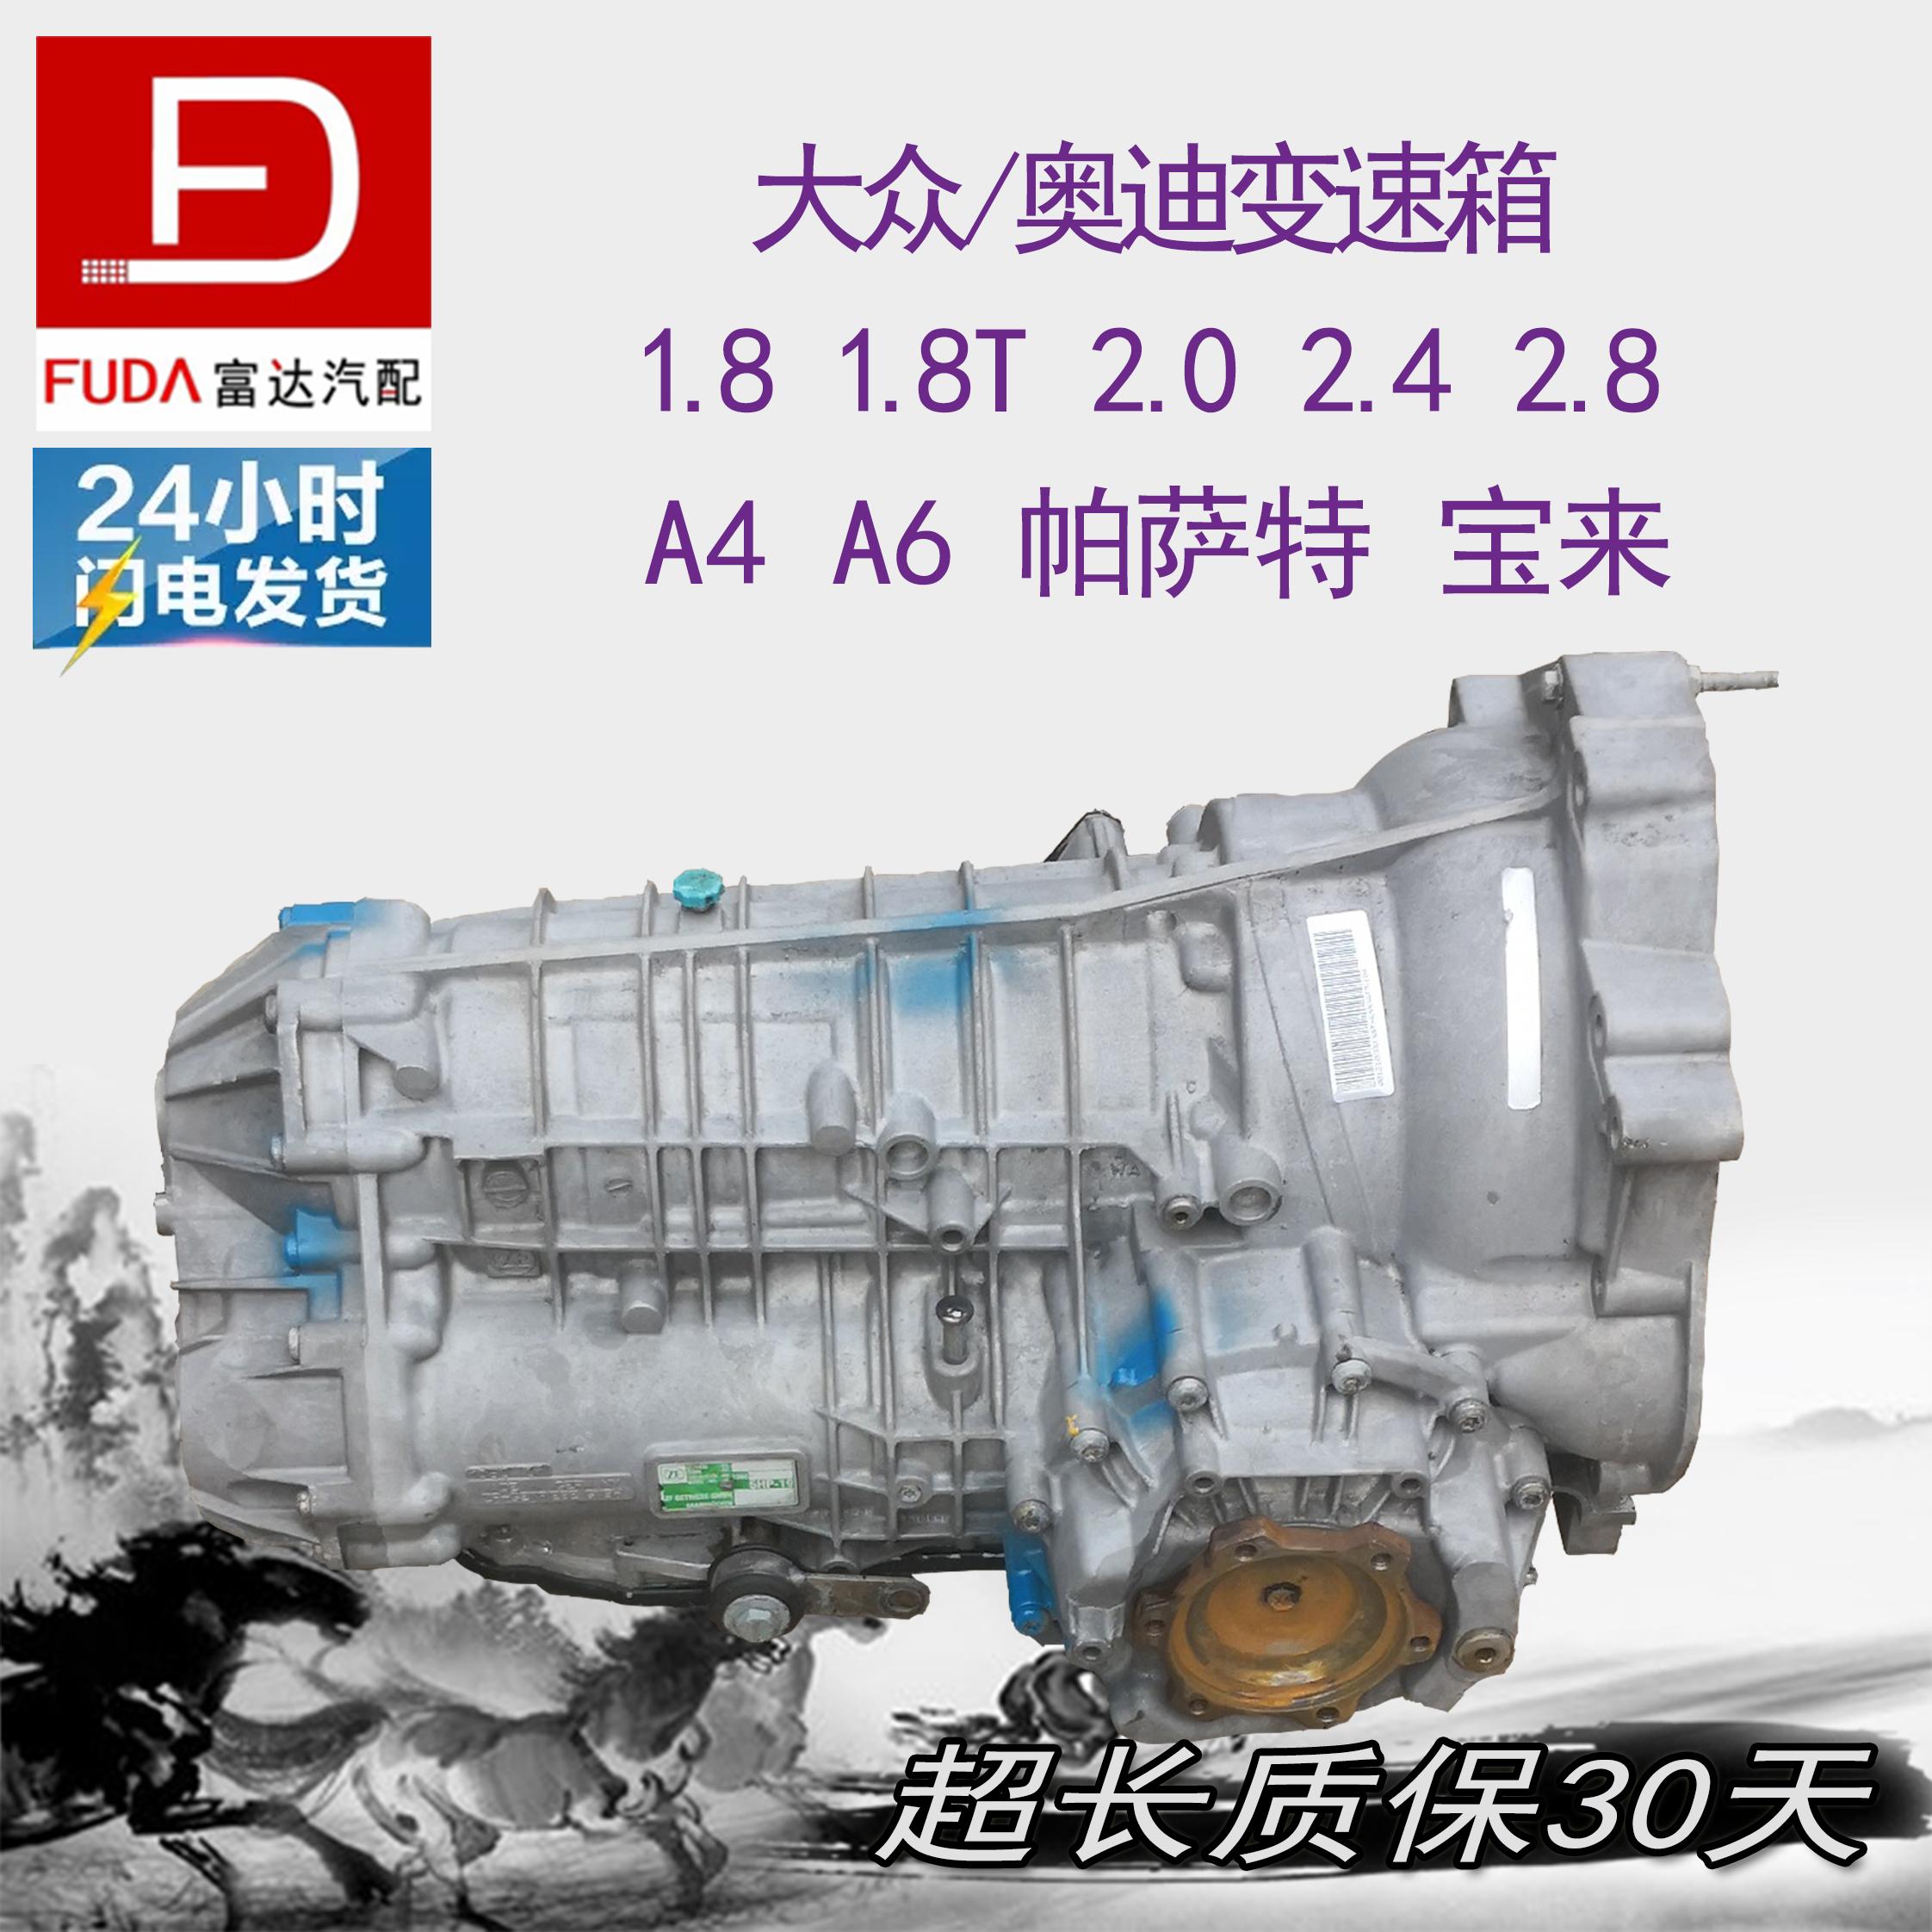 Magotan b7 B5 audi A4A6 polaris 2.4 2.8 1.8T2.0 без Экстремальный 1.8 автоматическая Коробка передач фара